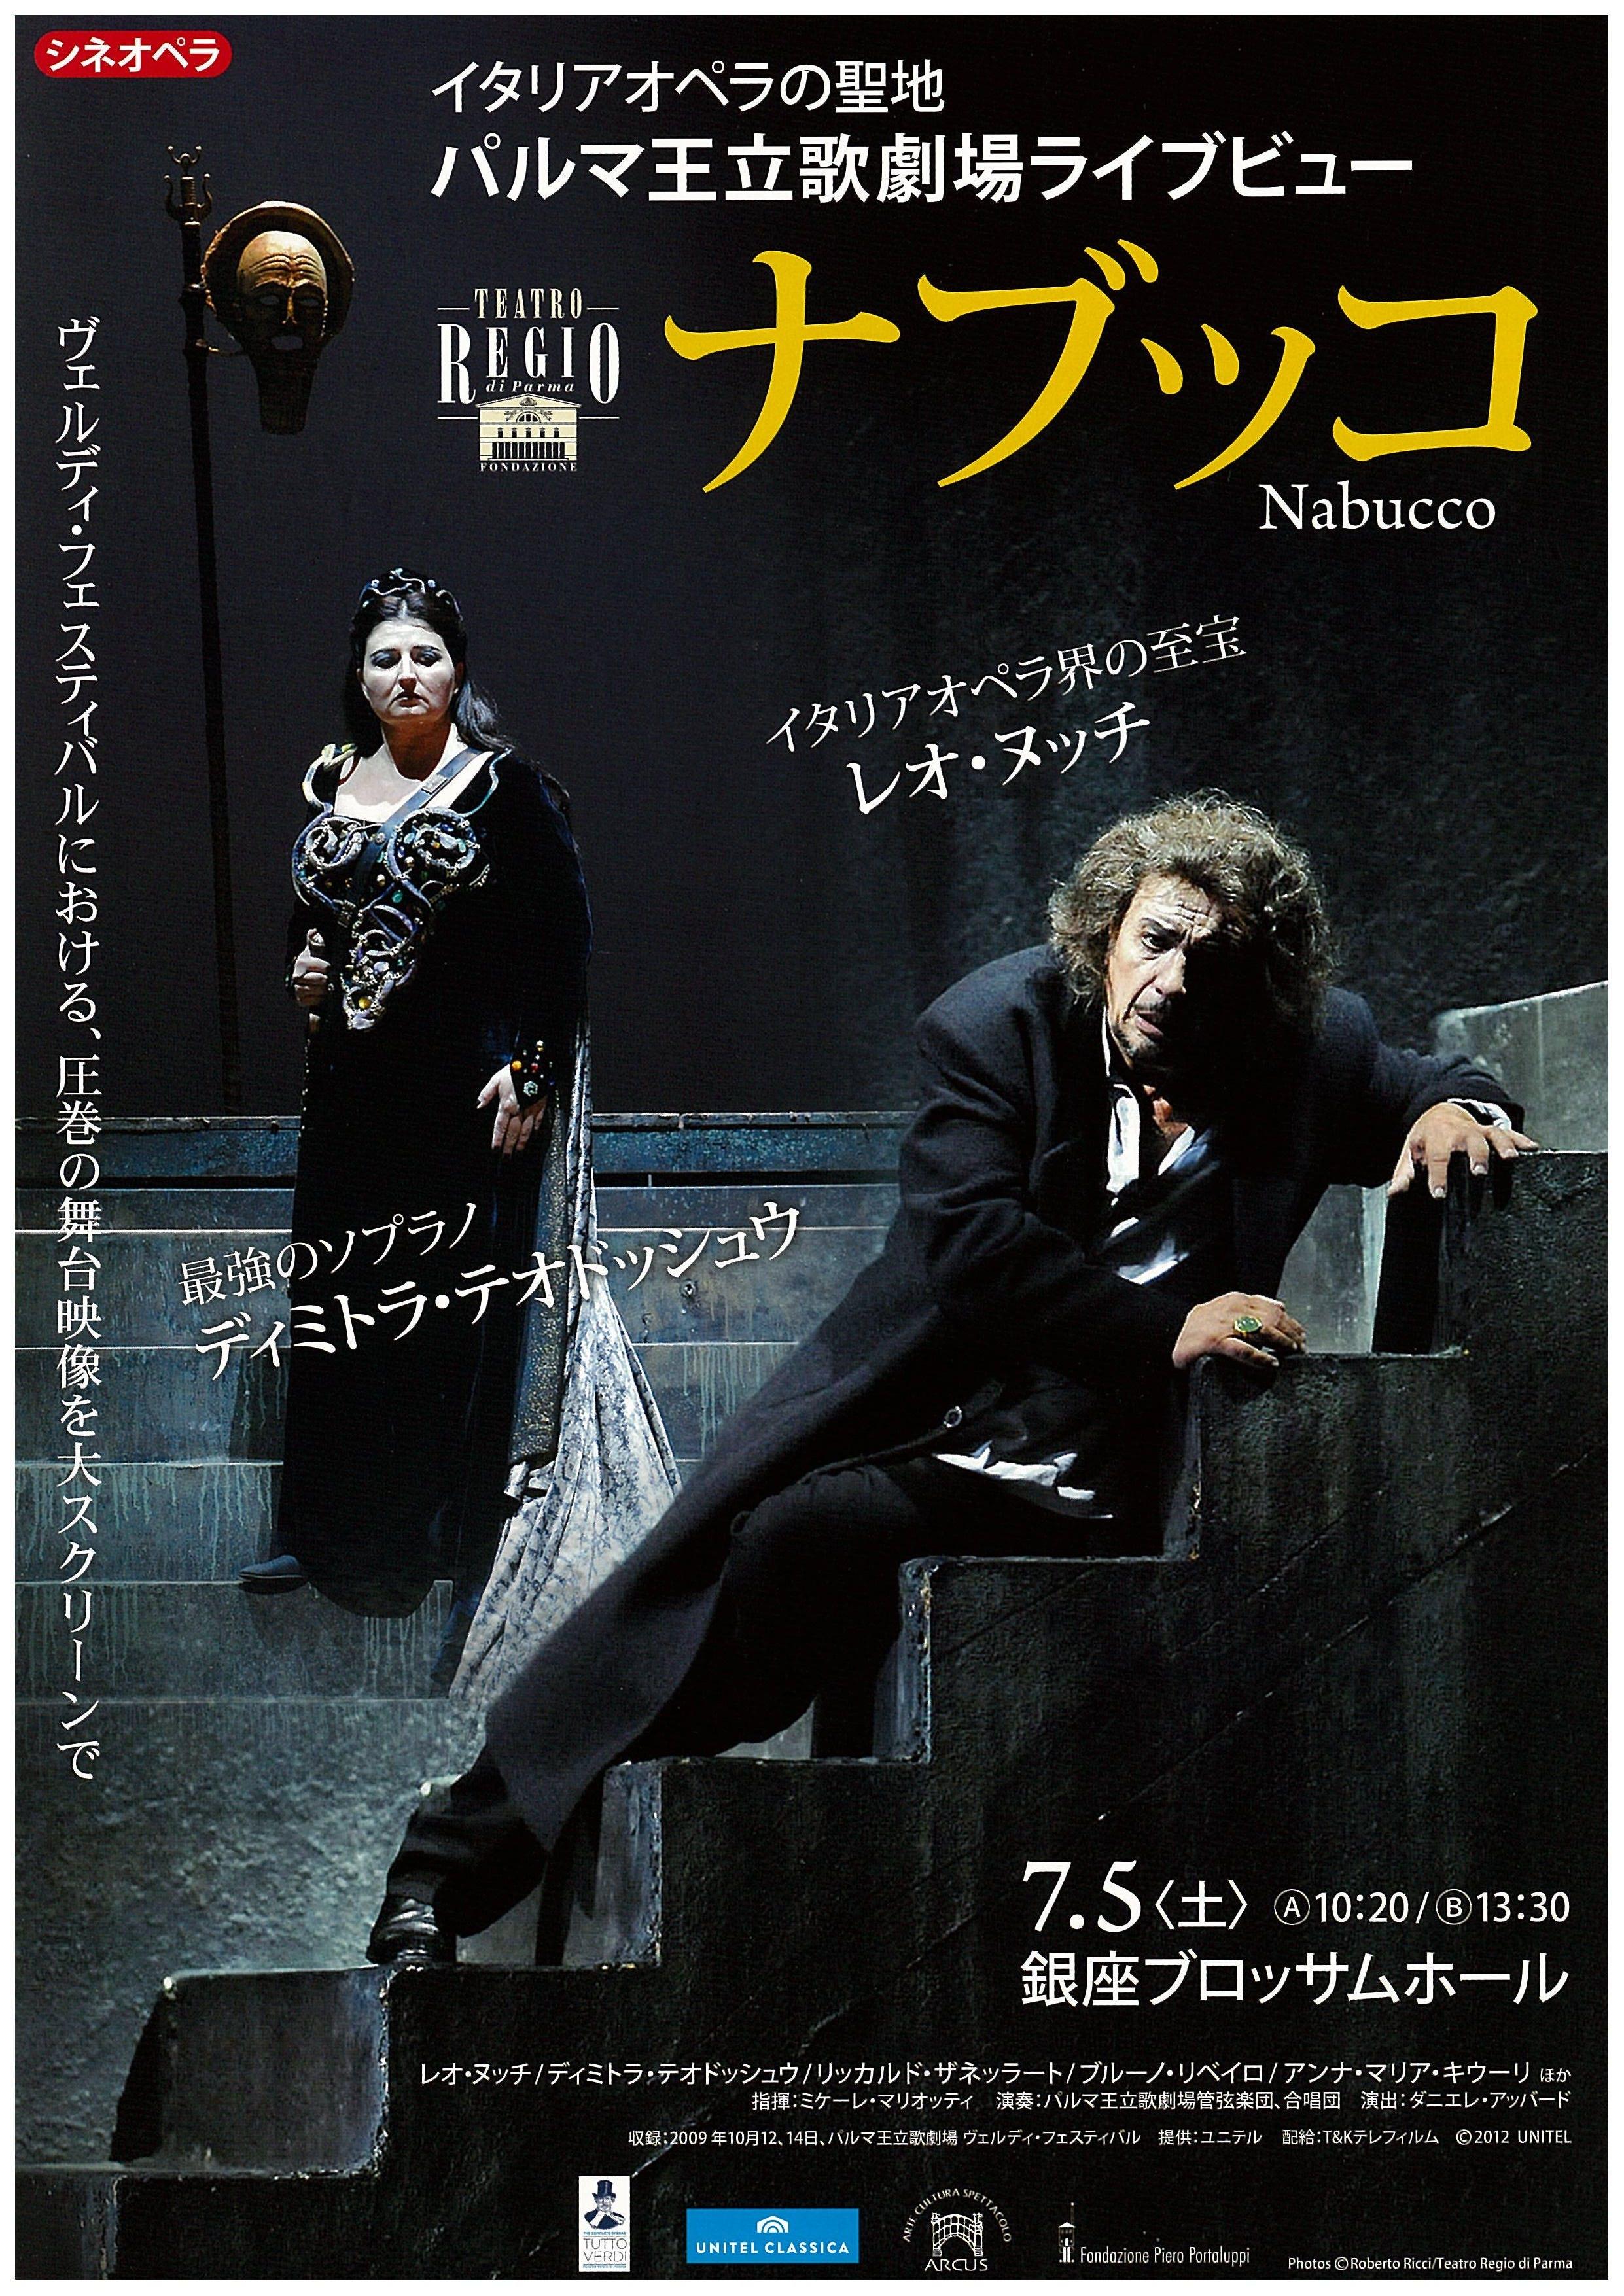 シネオペラ「ナブッコ」パルマ王立歌劇場ライブビュー